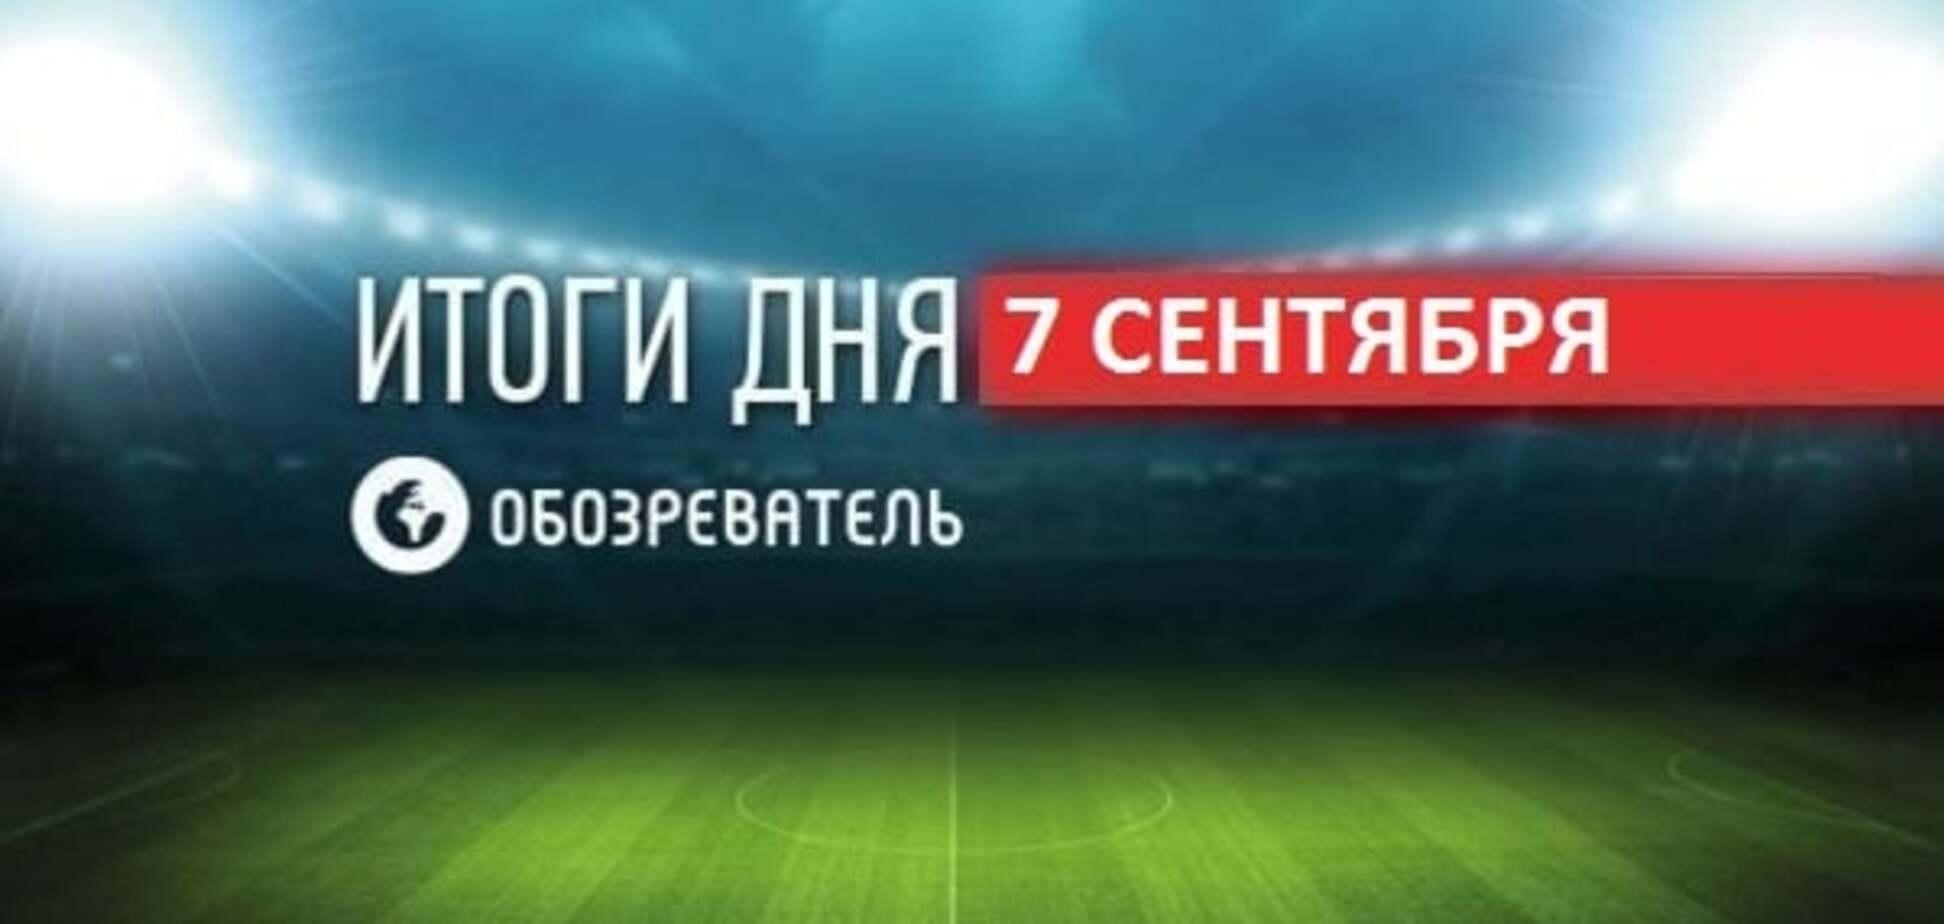 Кличко і Ф'юрі назвали дату реваншу: спортивні підсумки 7 вересня